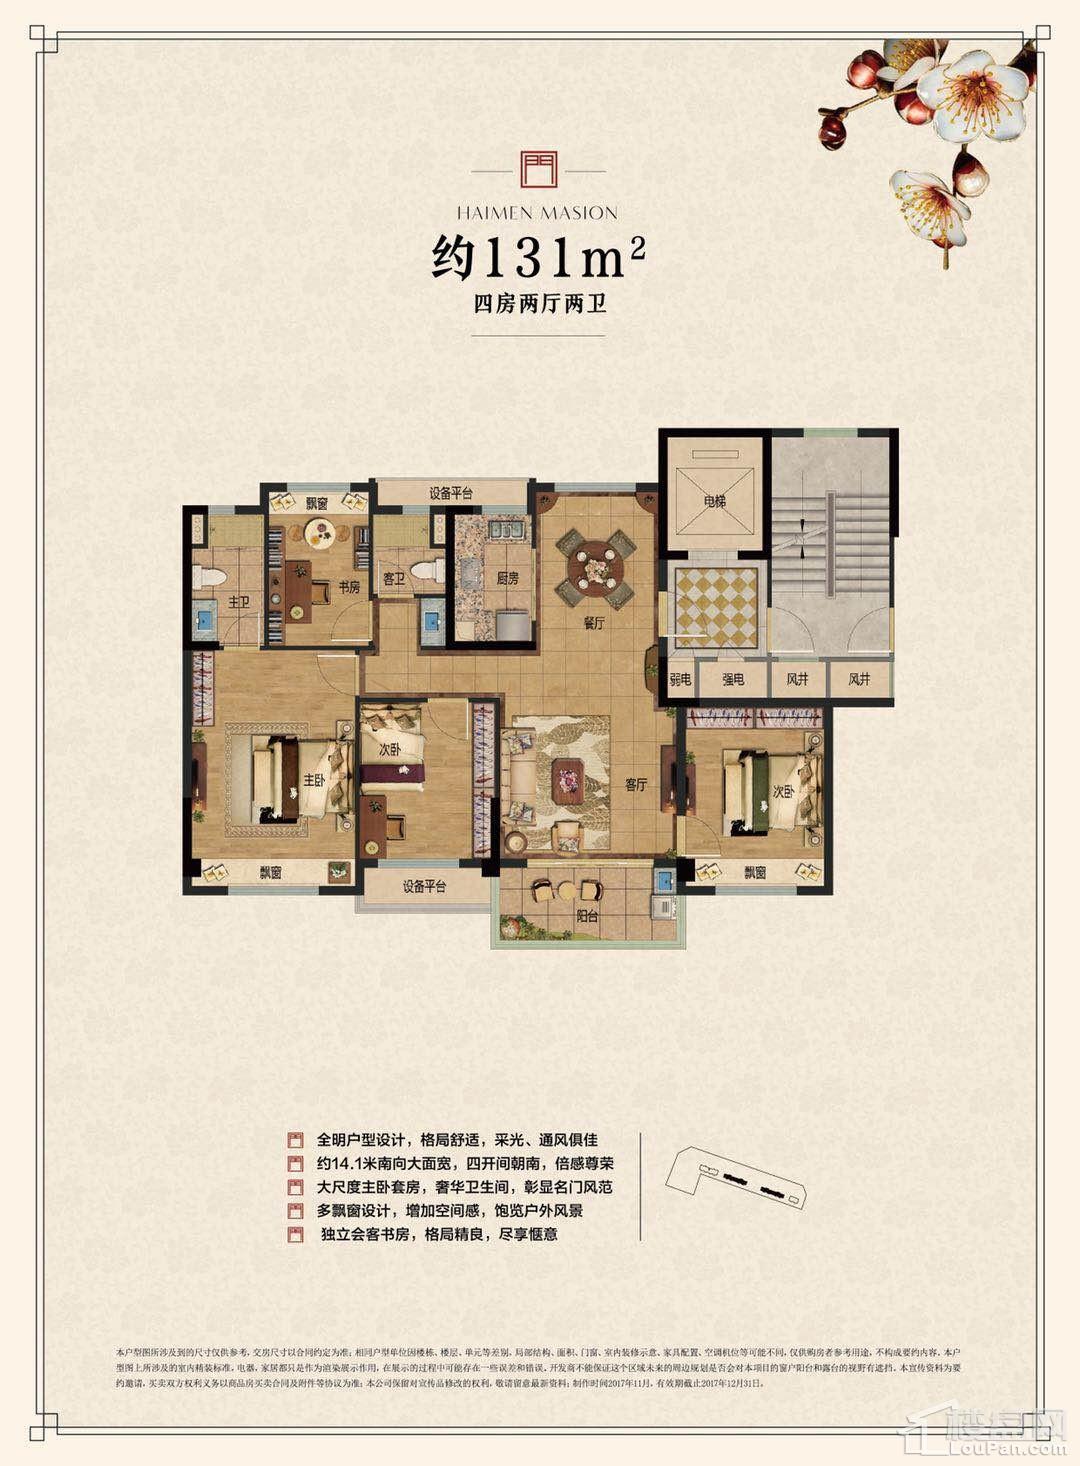 碧桂园·海门公馆户型图